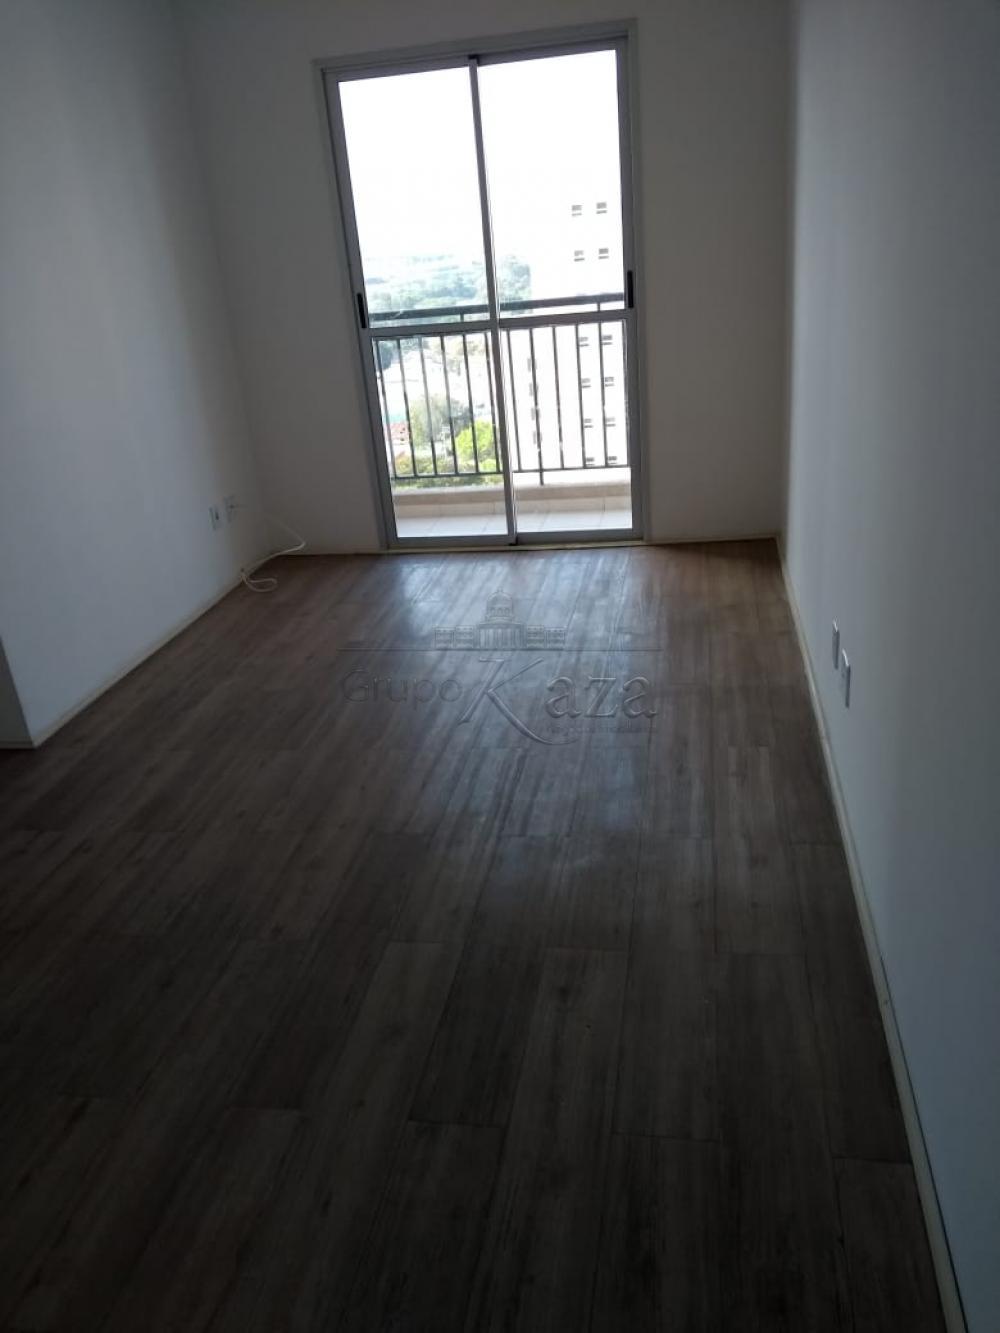 Comprar Apartamento / Padrão em São José dos Campos apenas R$ 295.000,00 - Foto 7